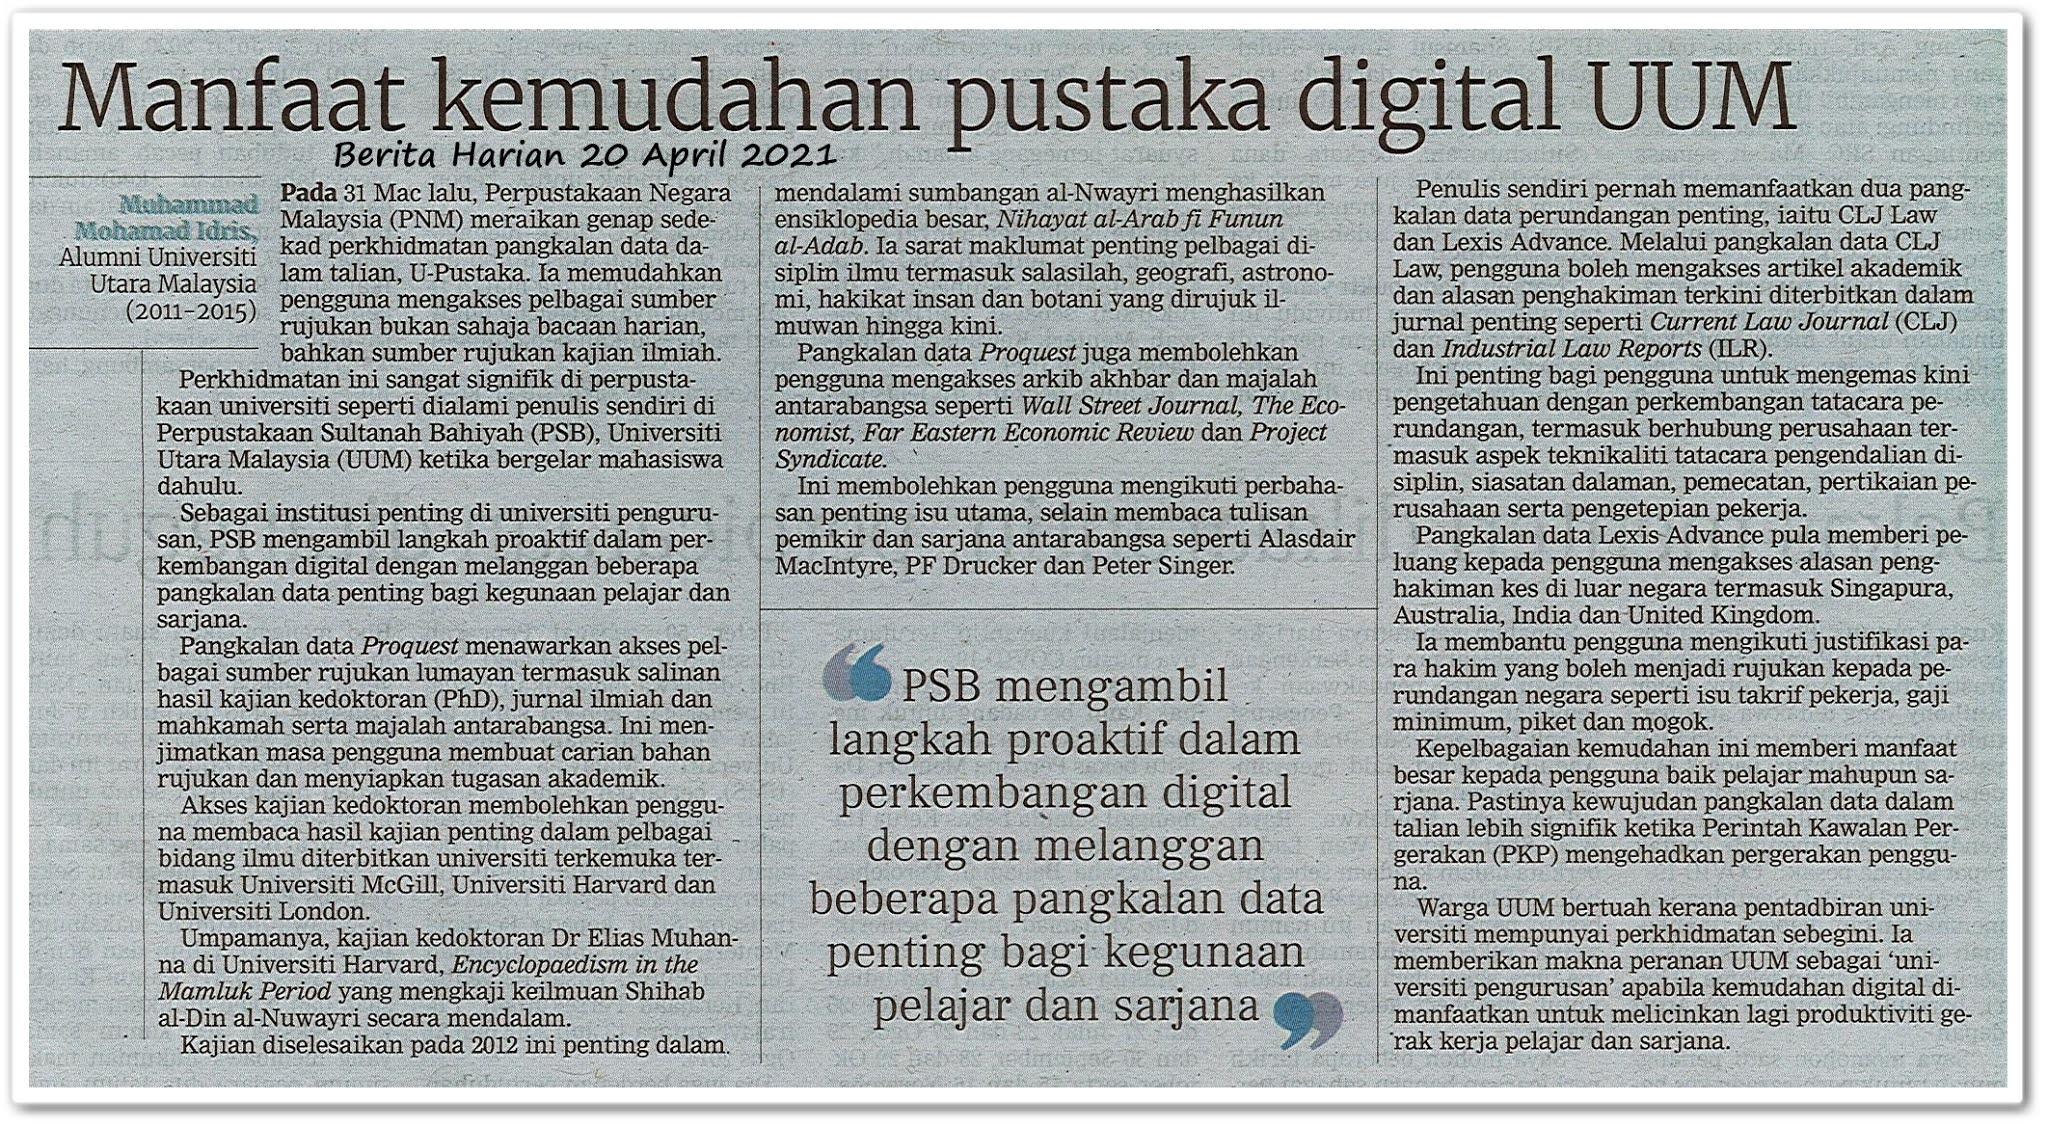 Manfaat kemudahan pustaka digital UUM - Keratan akhbar Berita Harian 20 April 2021